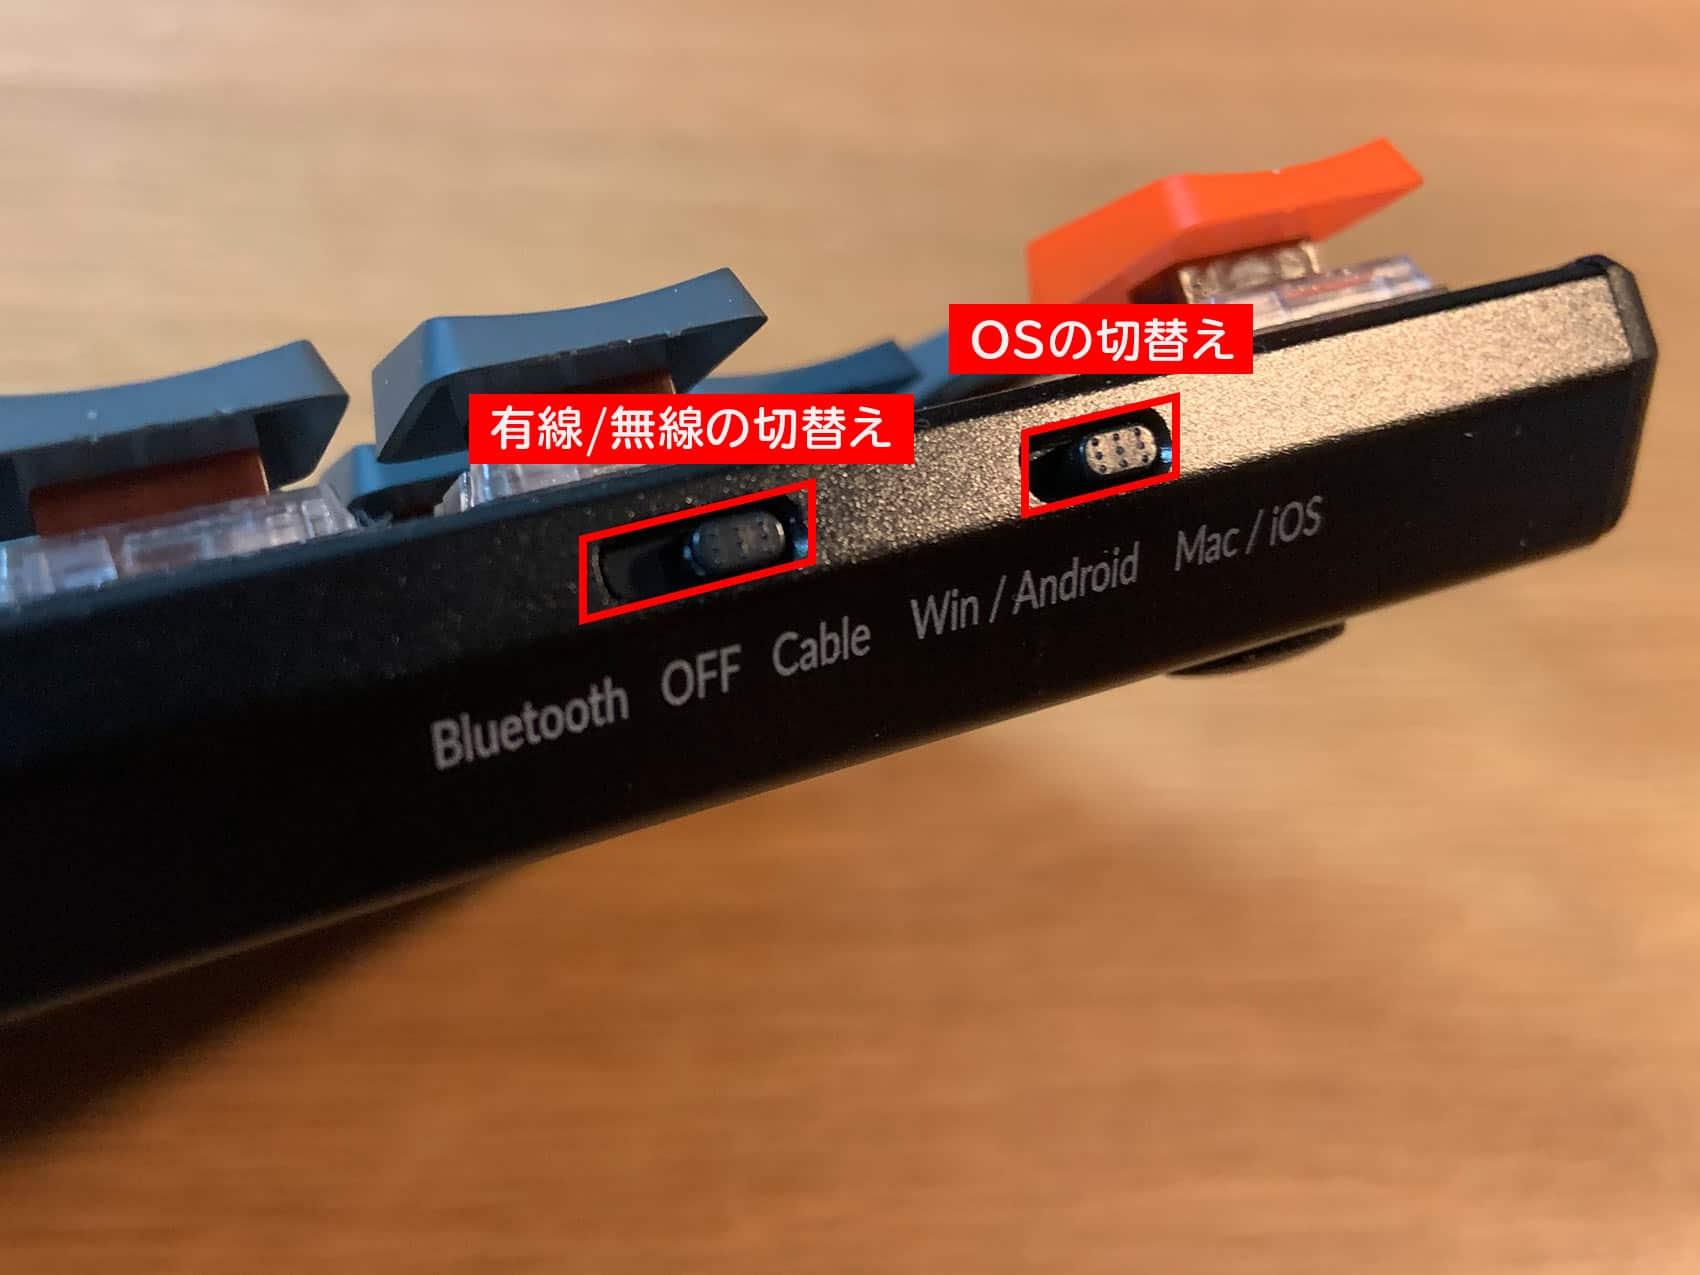 有線・無線の切り替えスイッチ